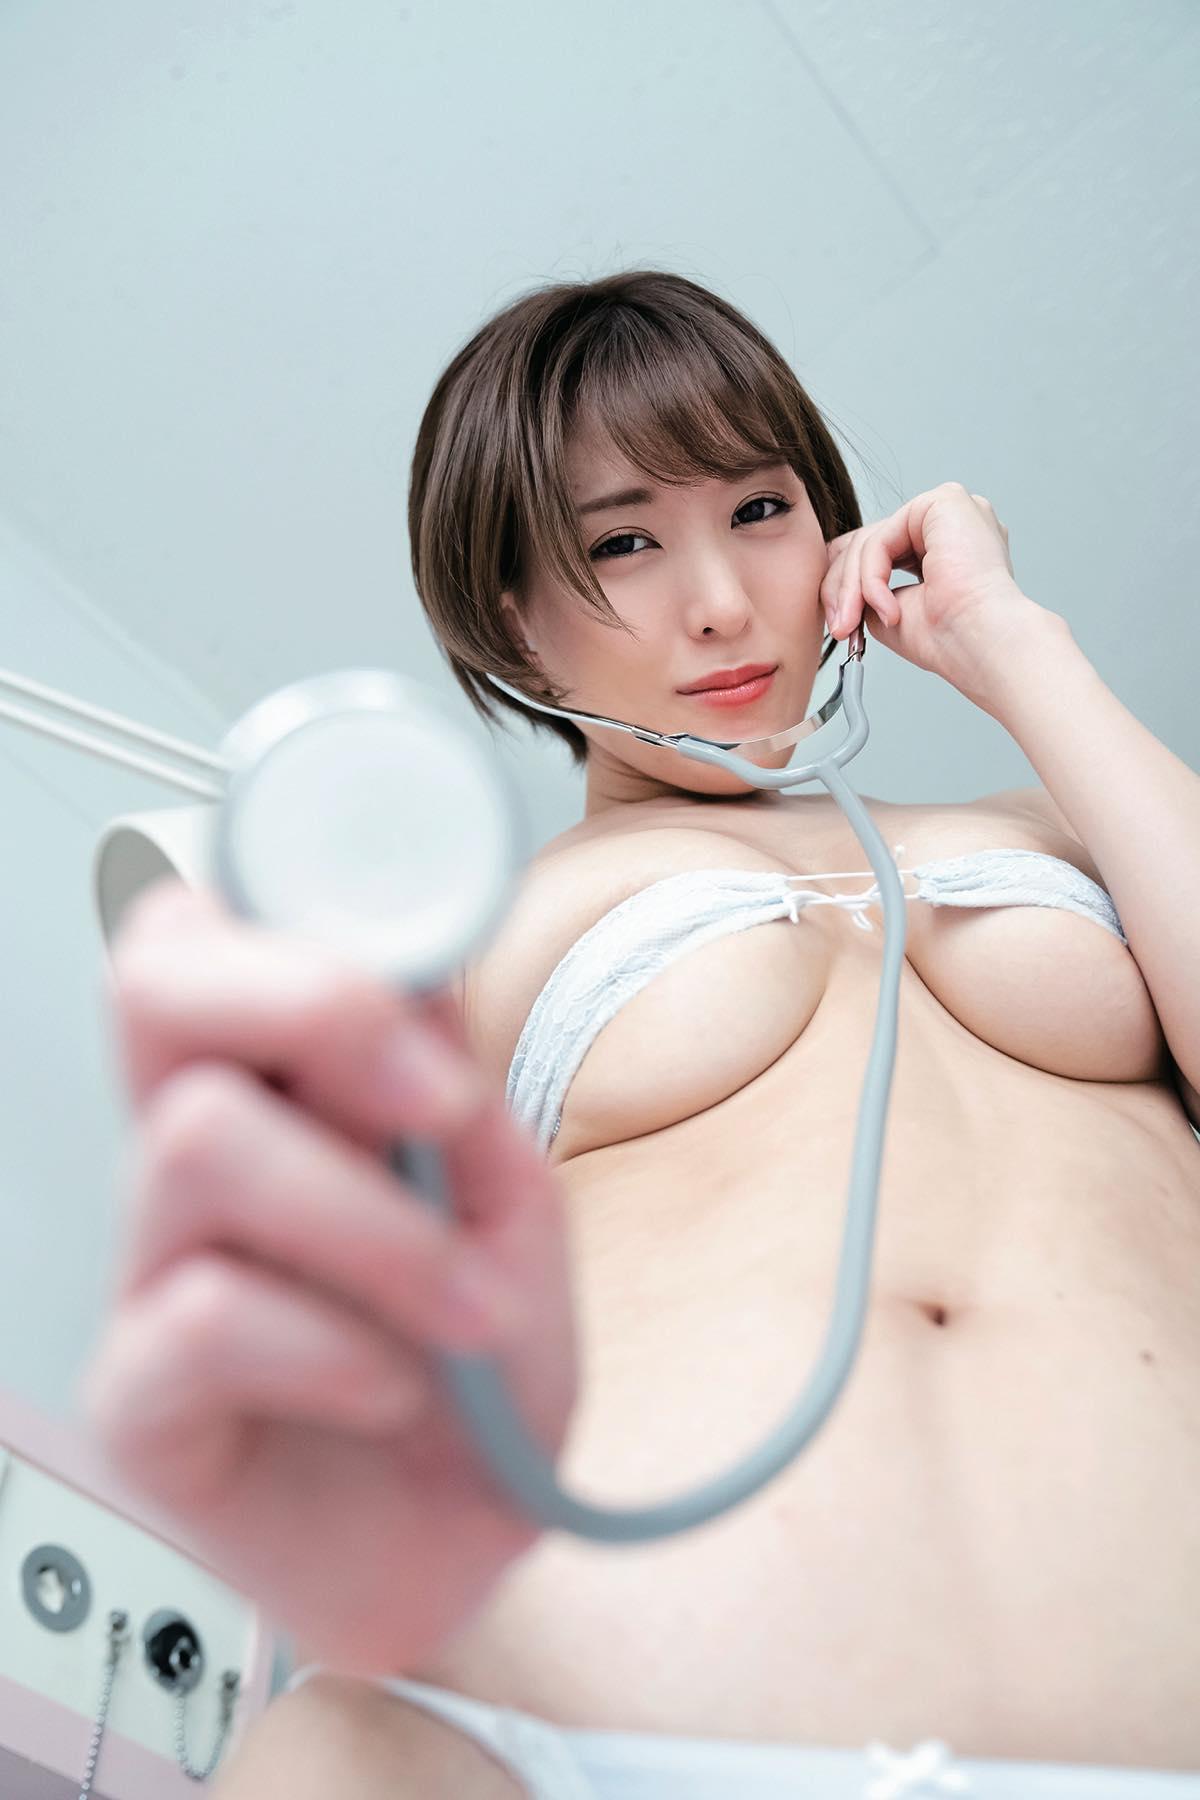 朝比奈祐未「えっちな女医さん」がローションまみれでぬるぬるに!【写真9枚】の画像004